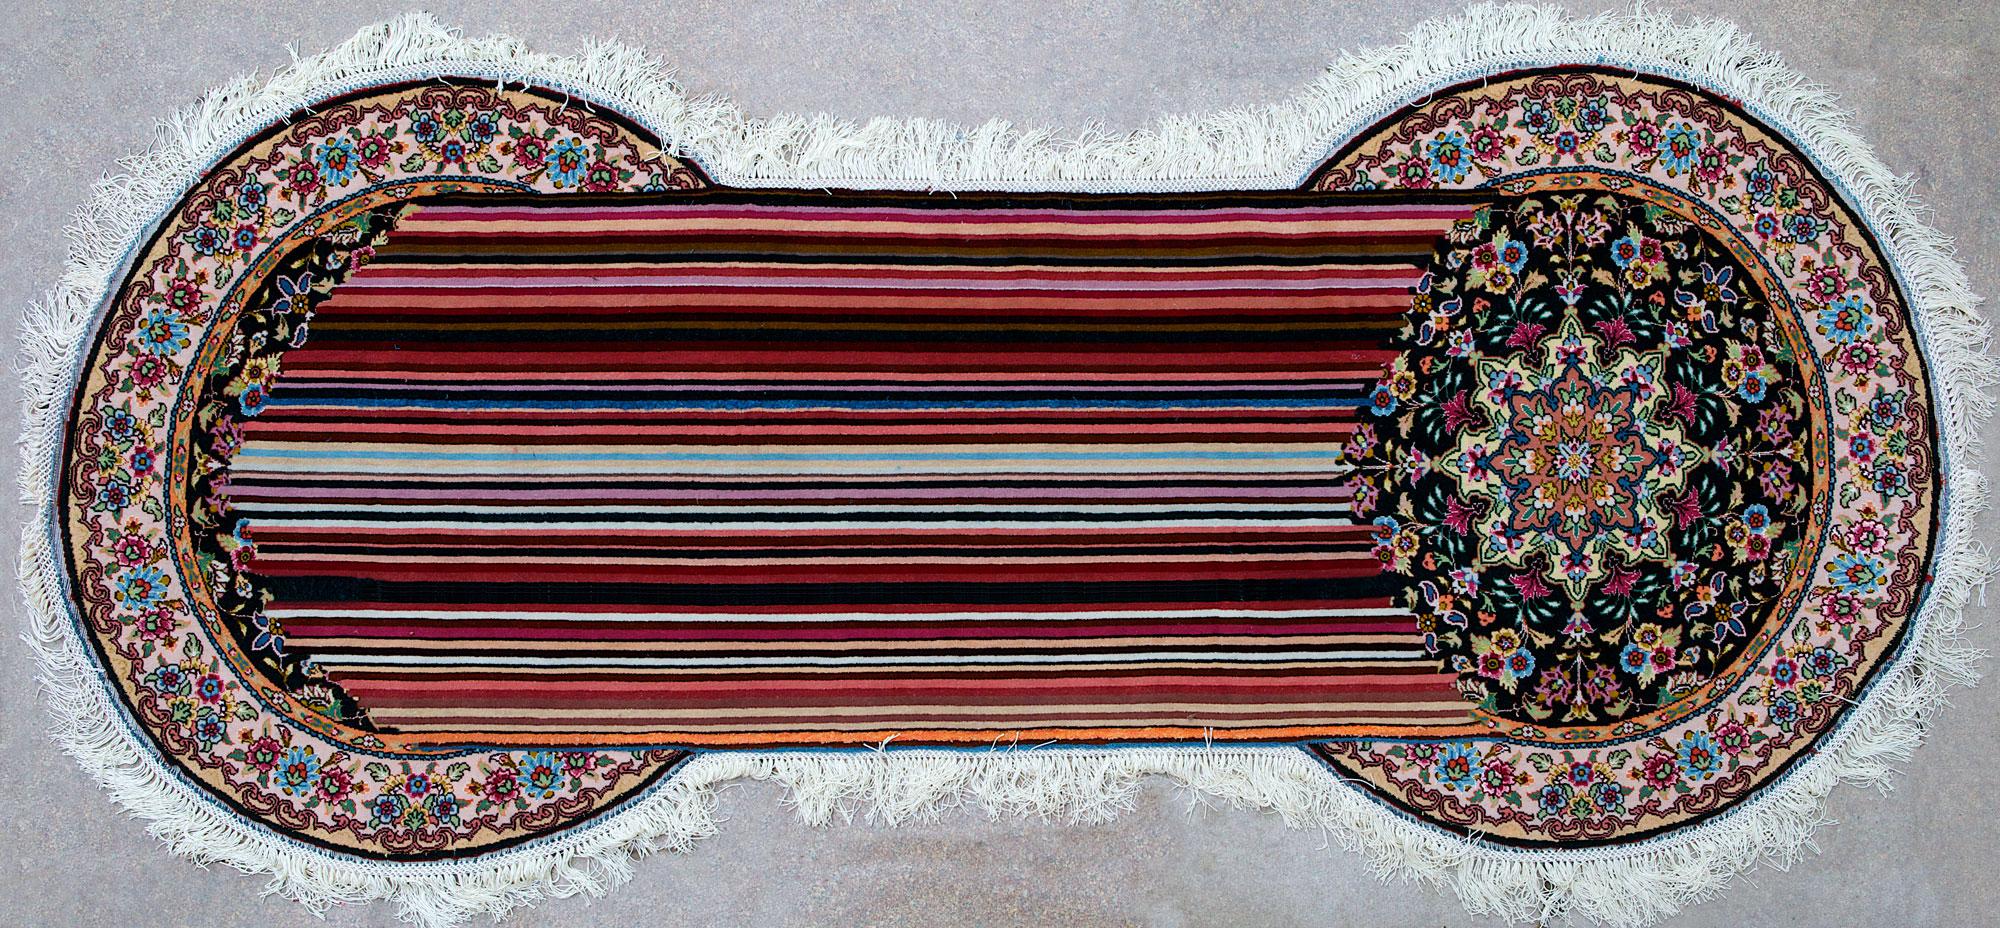 Азербайджанские ковры: история, воплощенная в ковроткачестве